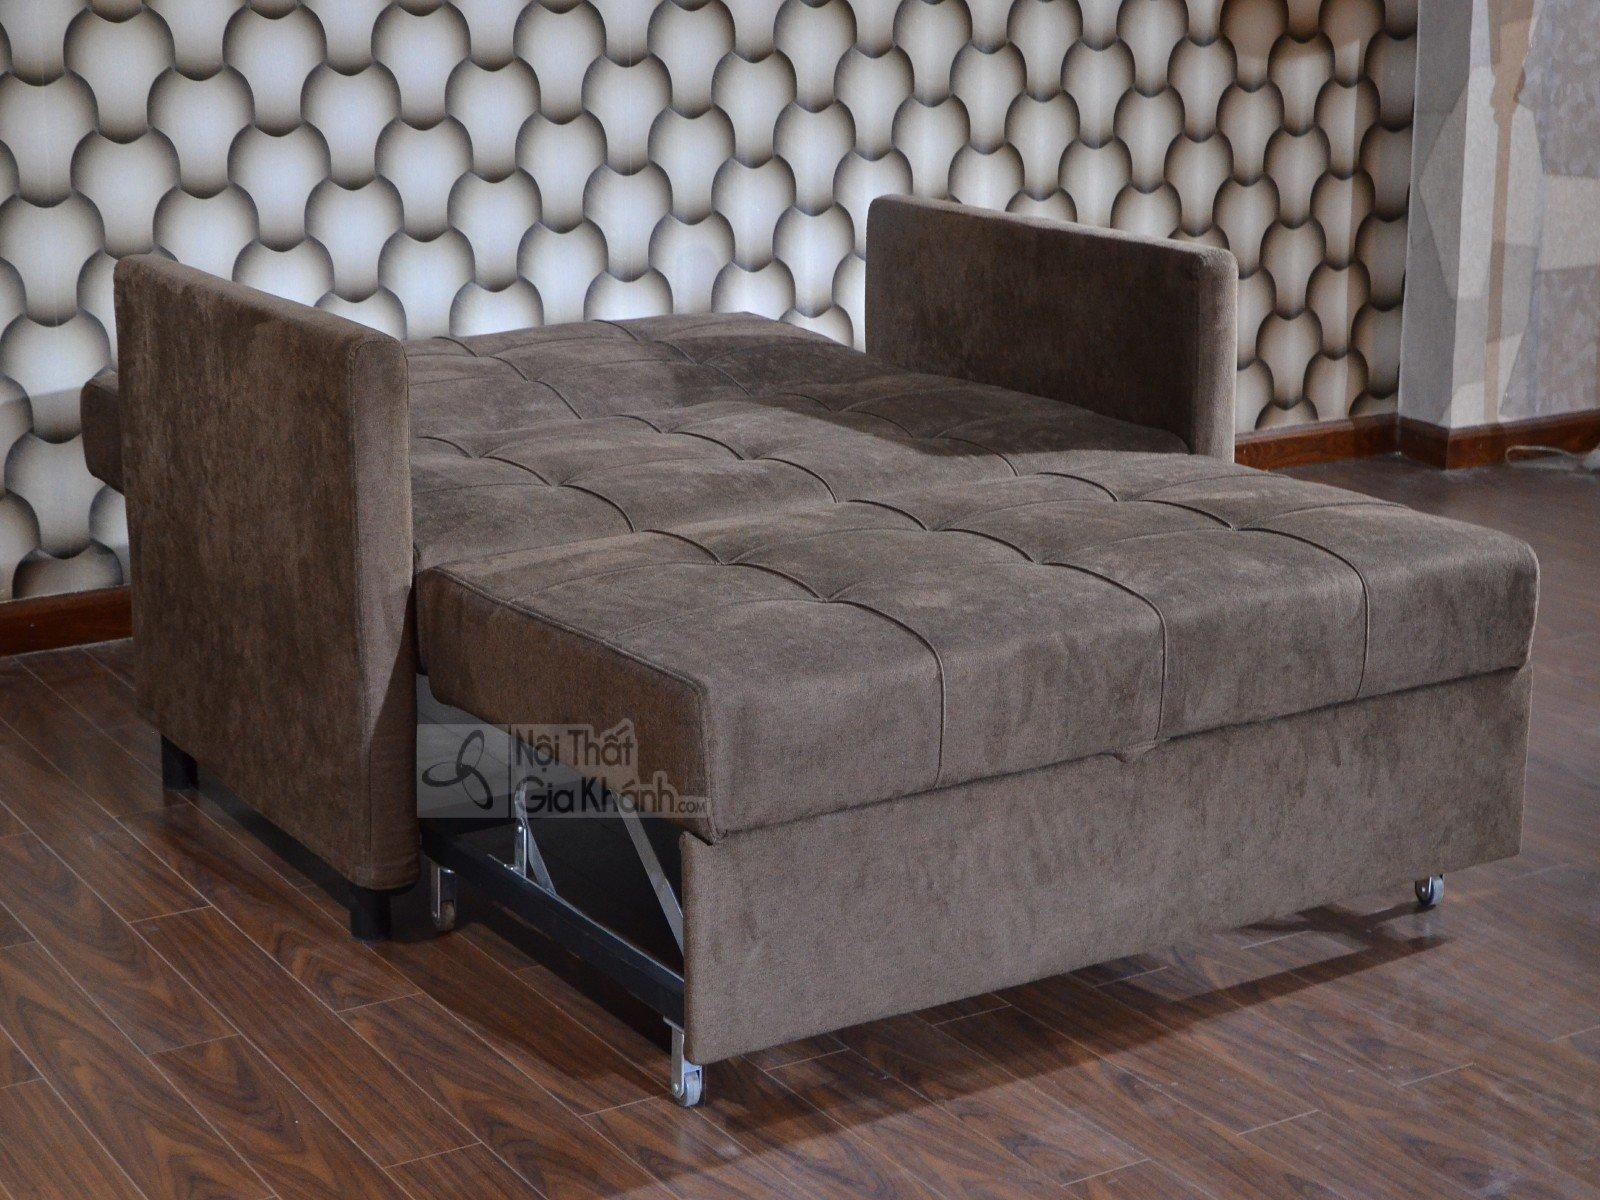 Sofa đa năng - Sofa giường - Sofa bed mã SF161-7 - sofa da nang SF161 7 15